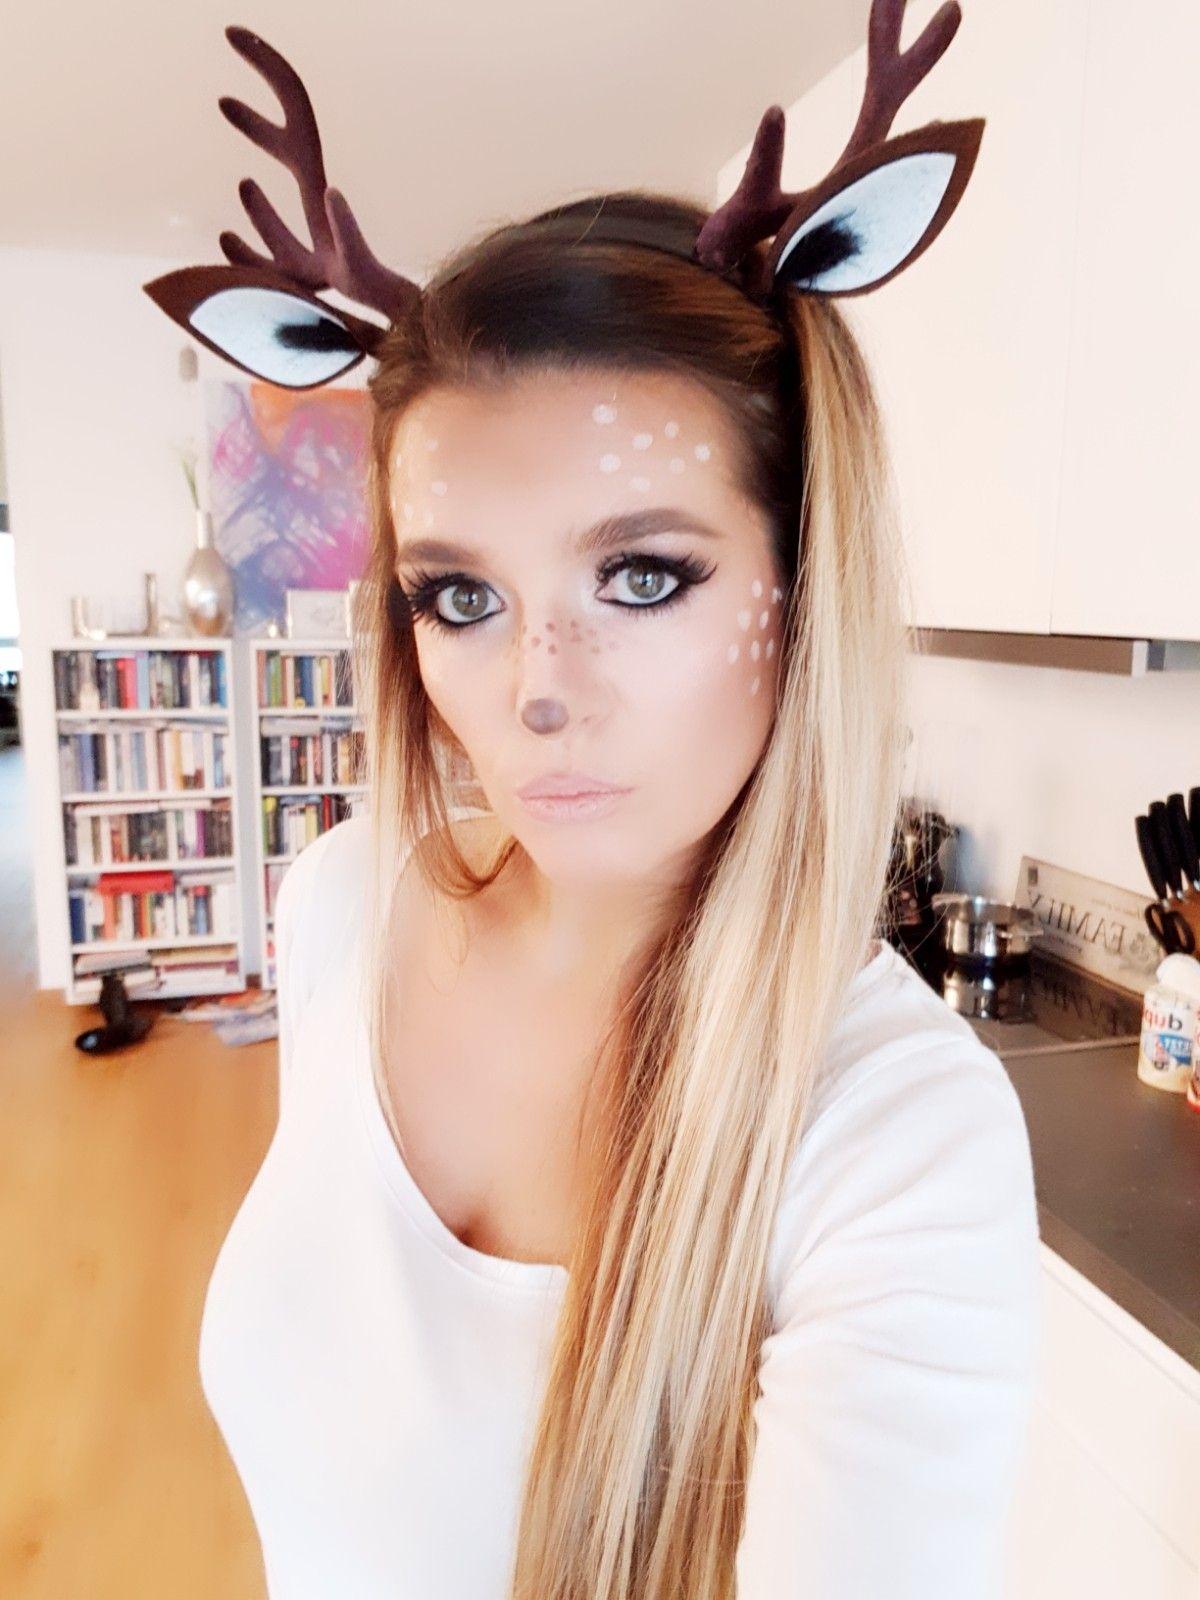 mein reh make up 2018 reh schminken karneval deer make. Black Bedroom Furniture Sets. Home Design Ideas